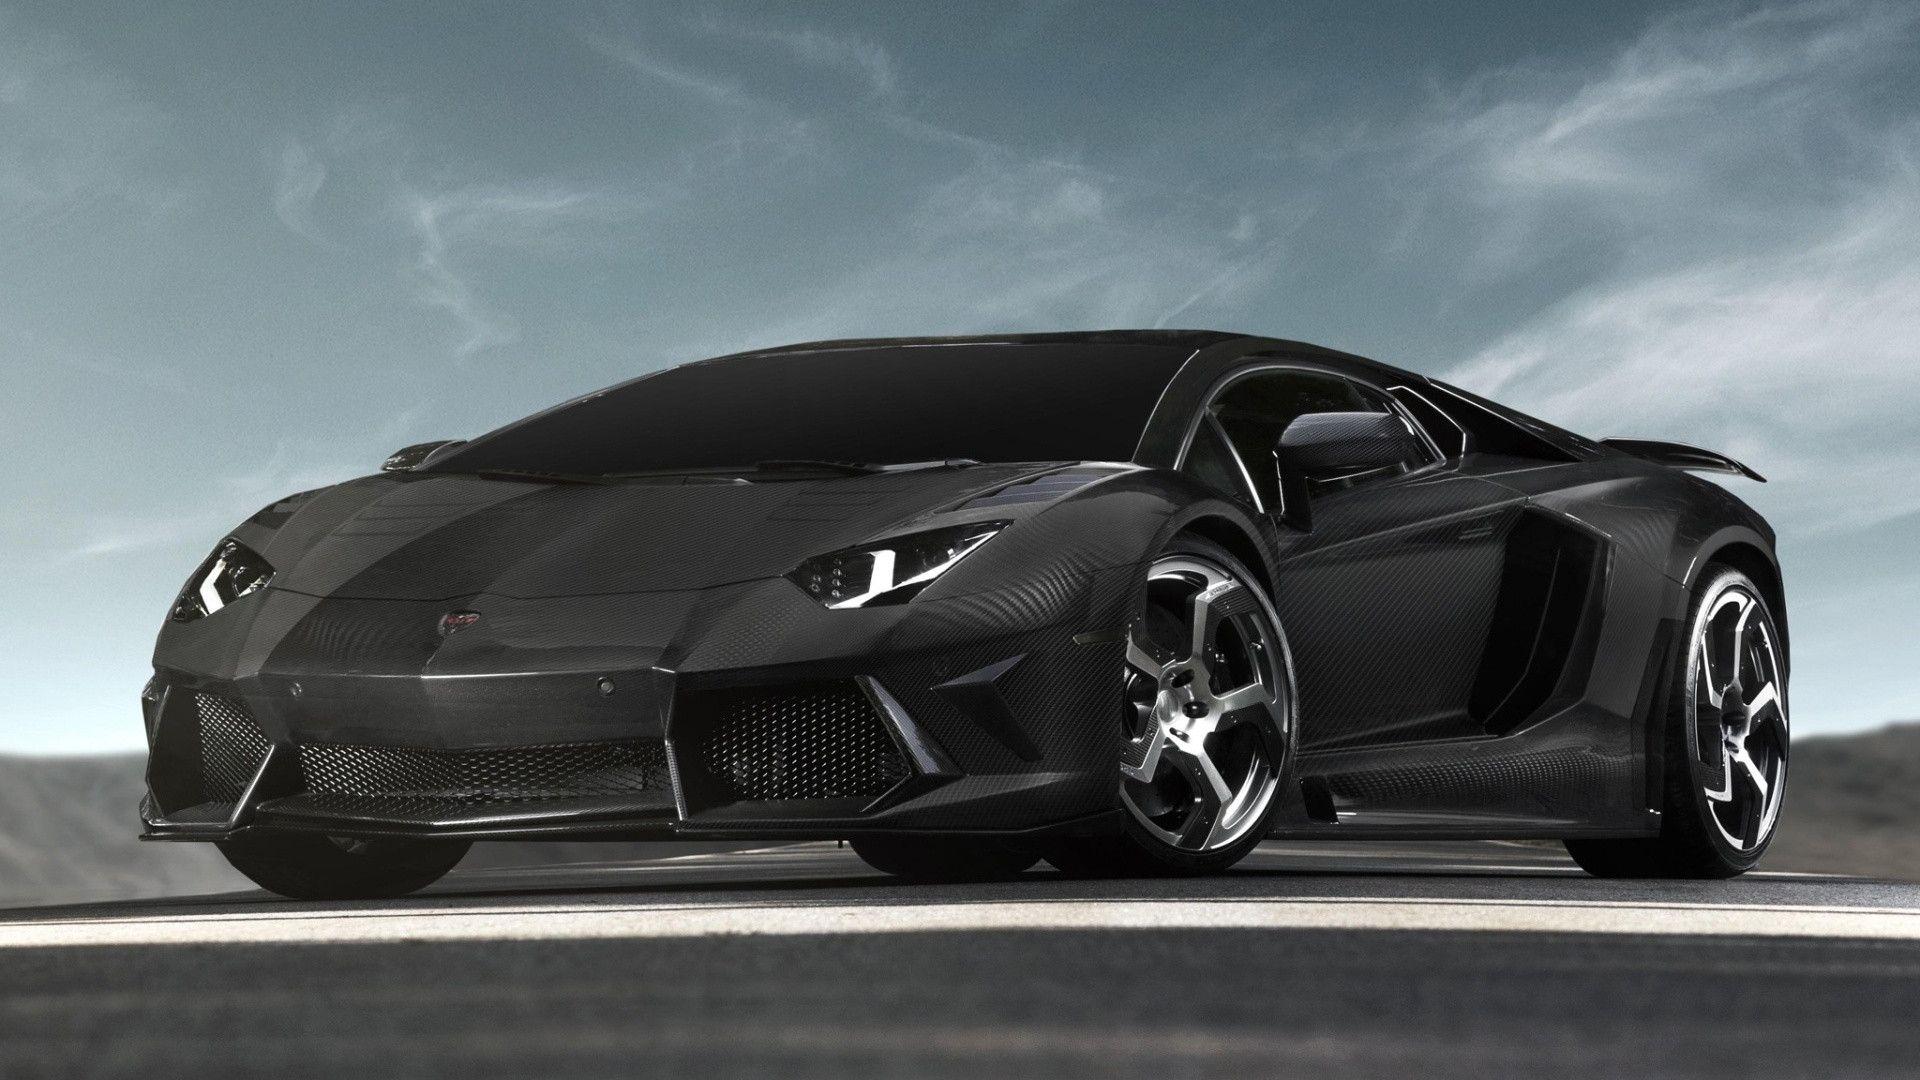 Aventador Lamborghini One Day I Will Drive A Car Like This Lamborghini Aventador Lp700 4 Lamborghini Aventador Lamborghini Aventador Lp700